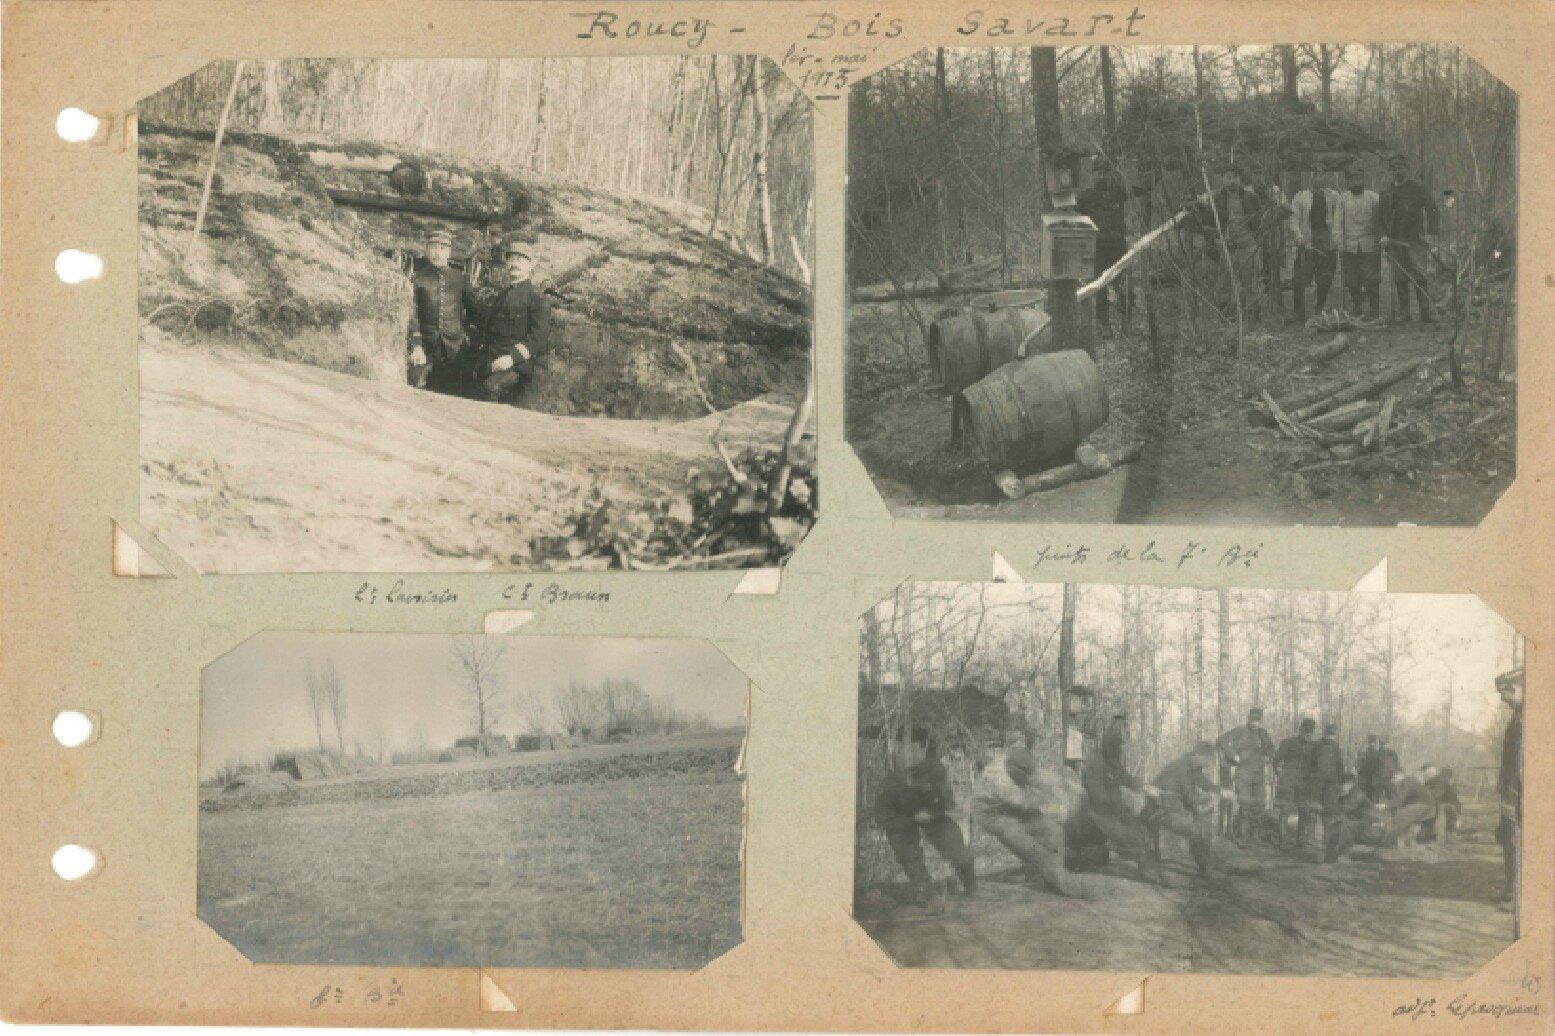 p.049 - Front de l'Aisne (13 septembre 1914 – 22 mai 1915)